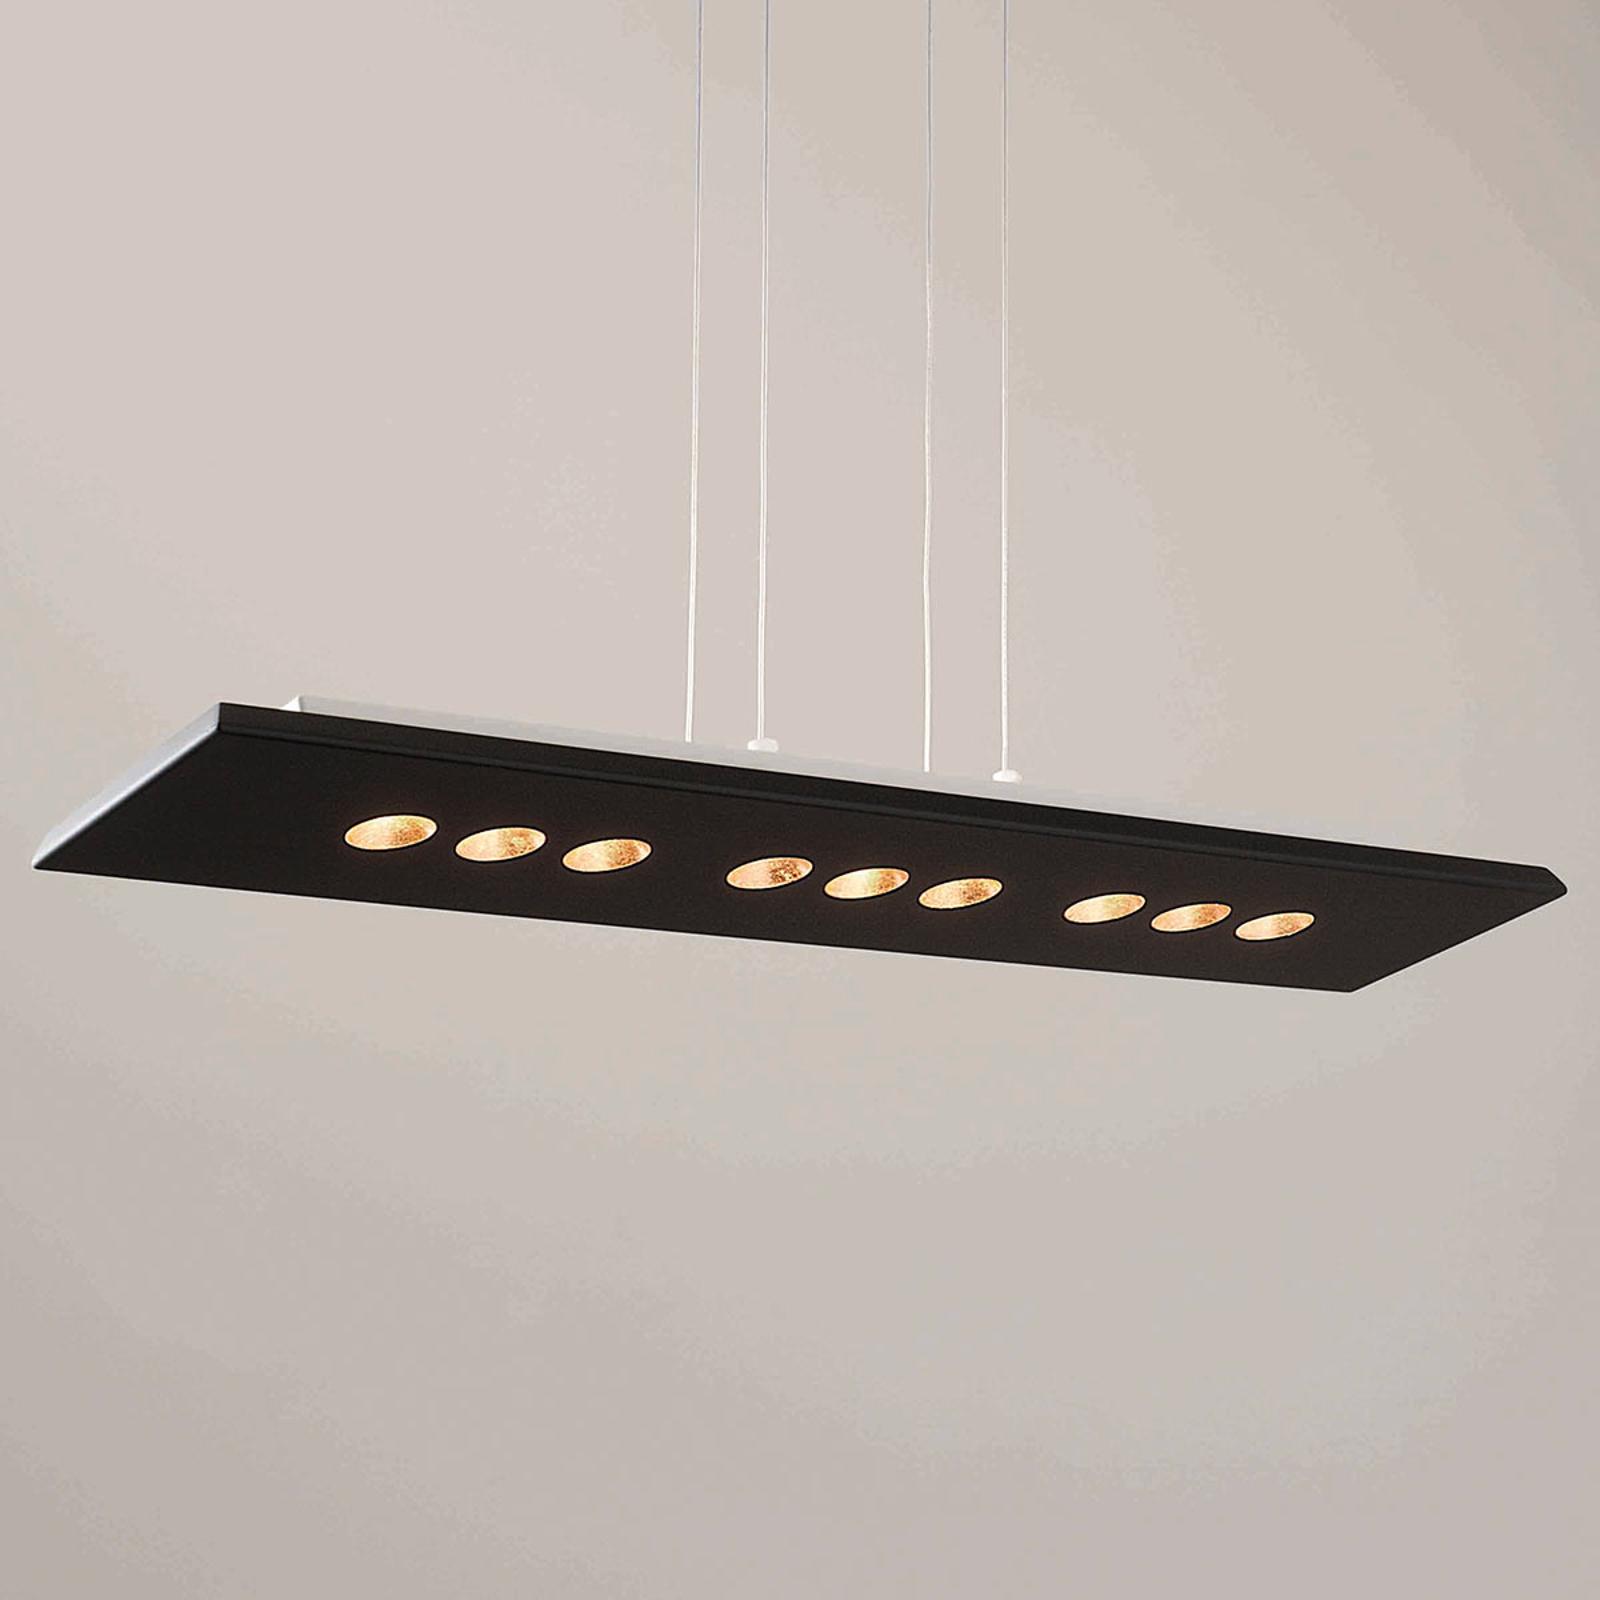 ICONE Confort LED-Hängeleuchte in schwarz-gold